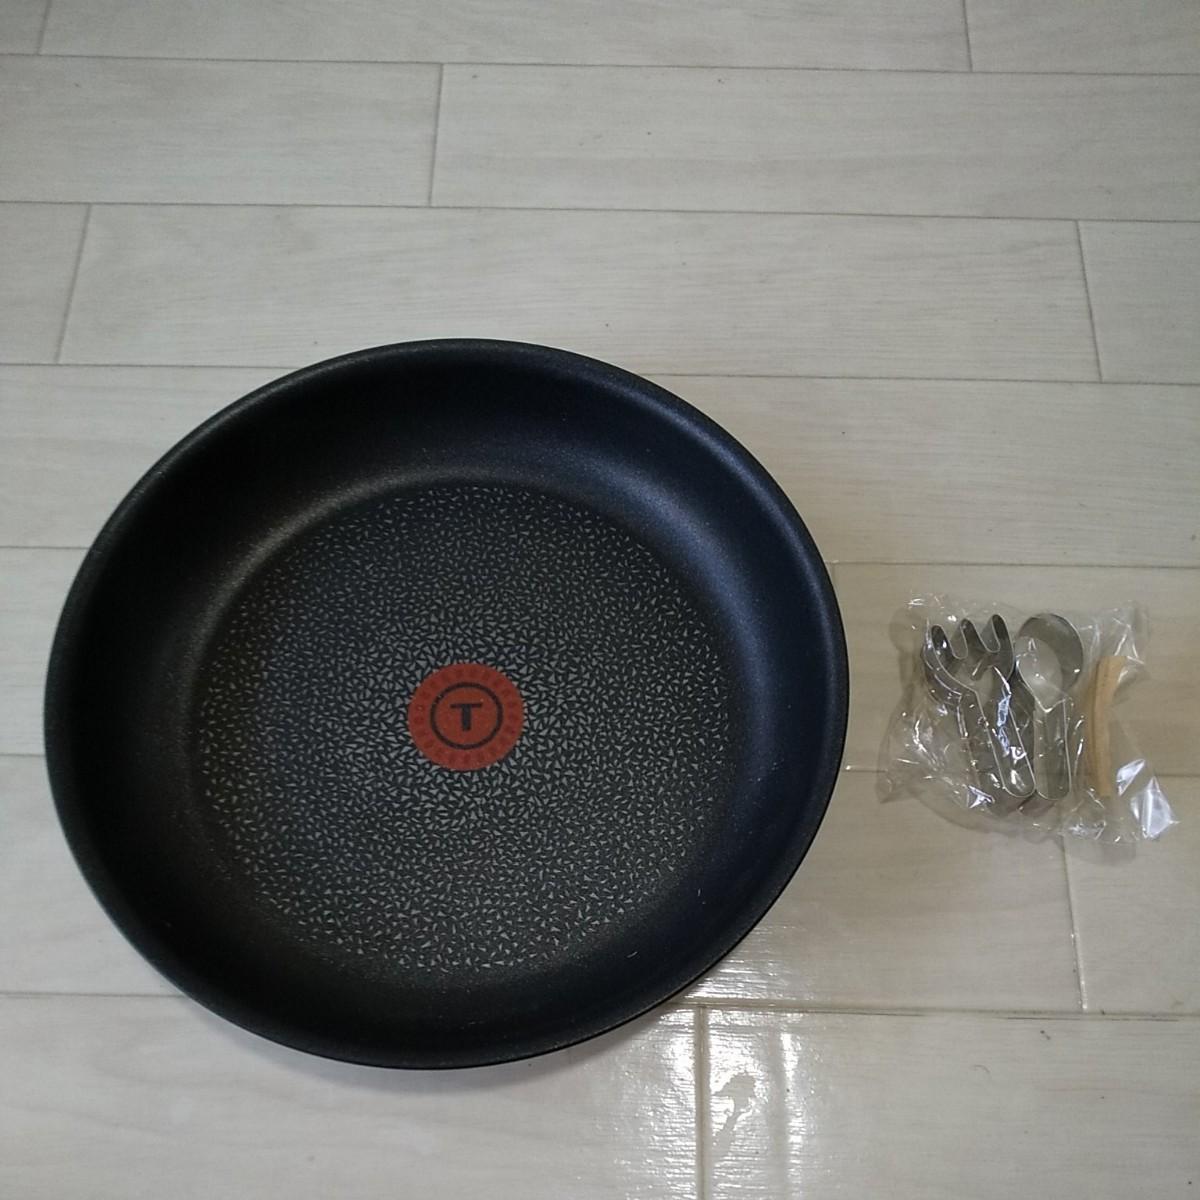 ティファールT-falインジニオ・ネオIH対応黒フライパン26cm